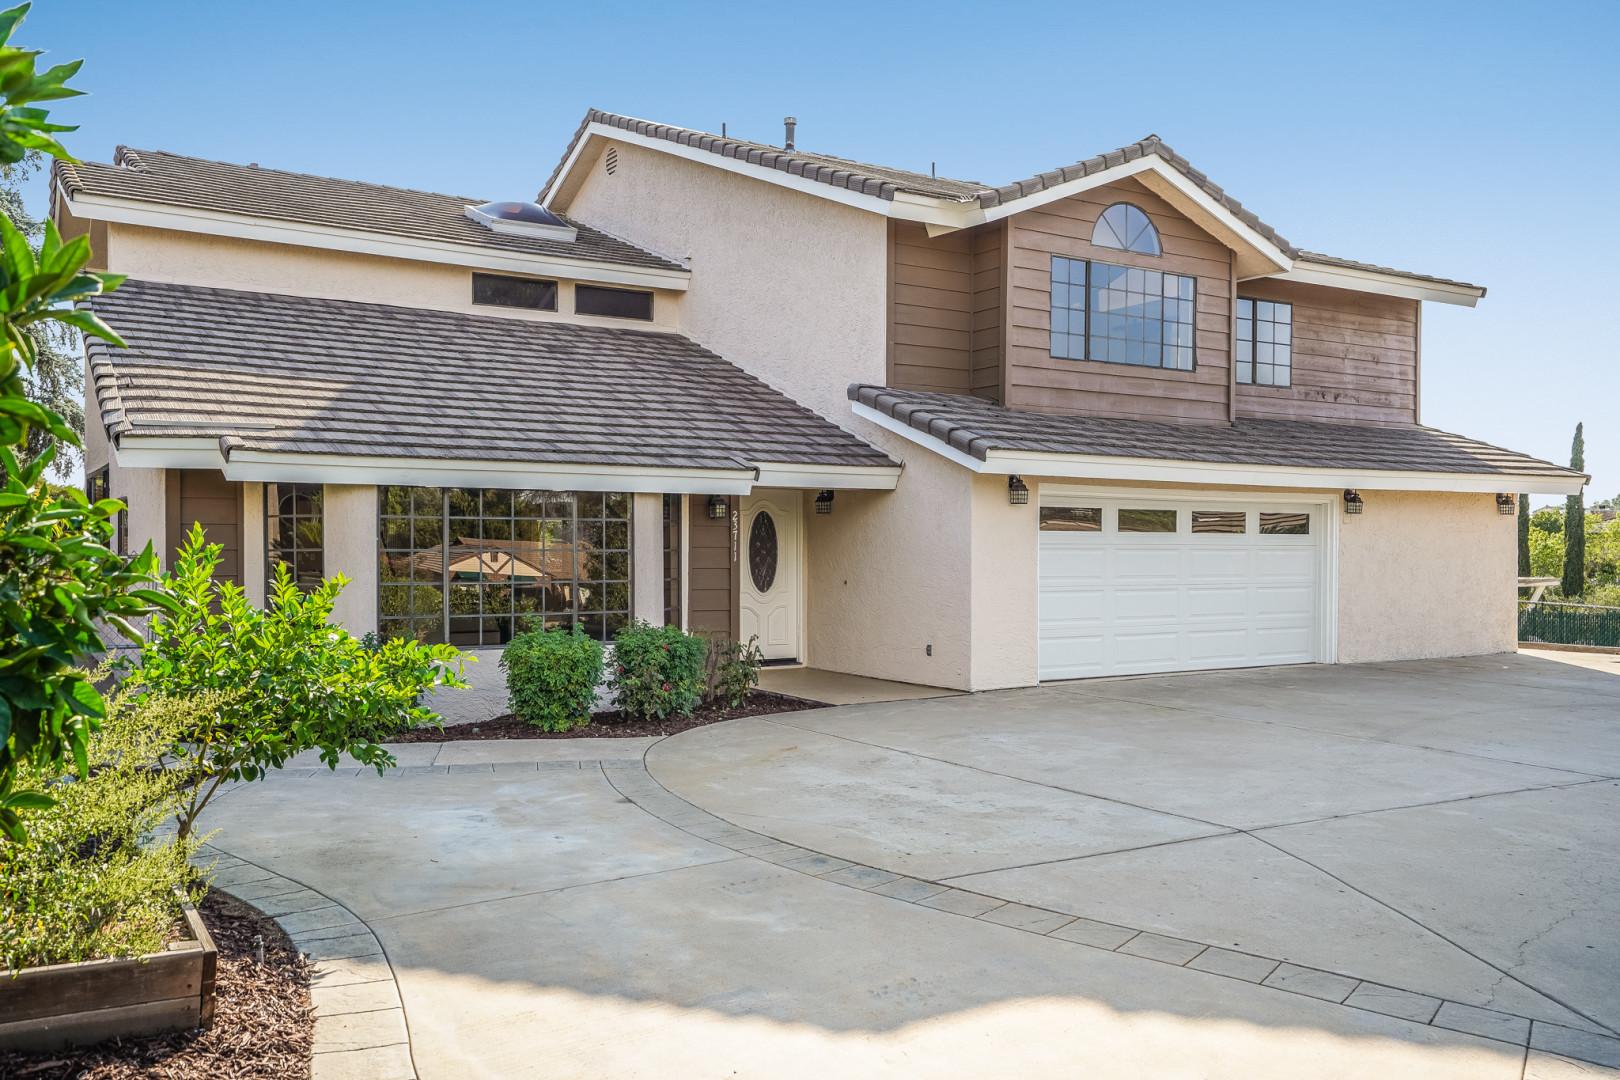 23711 Moonglow Ct, Ramona, California 92065